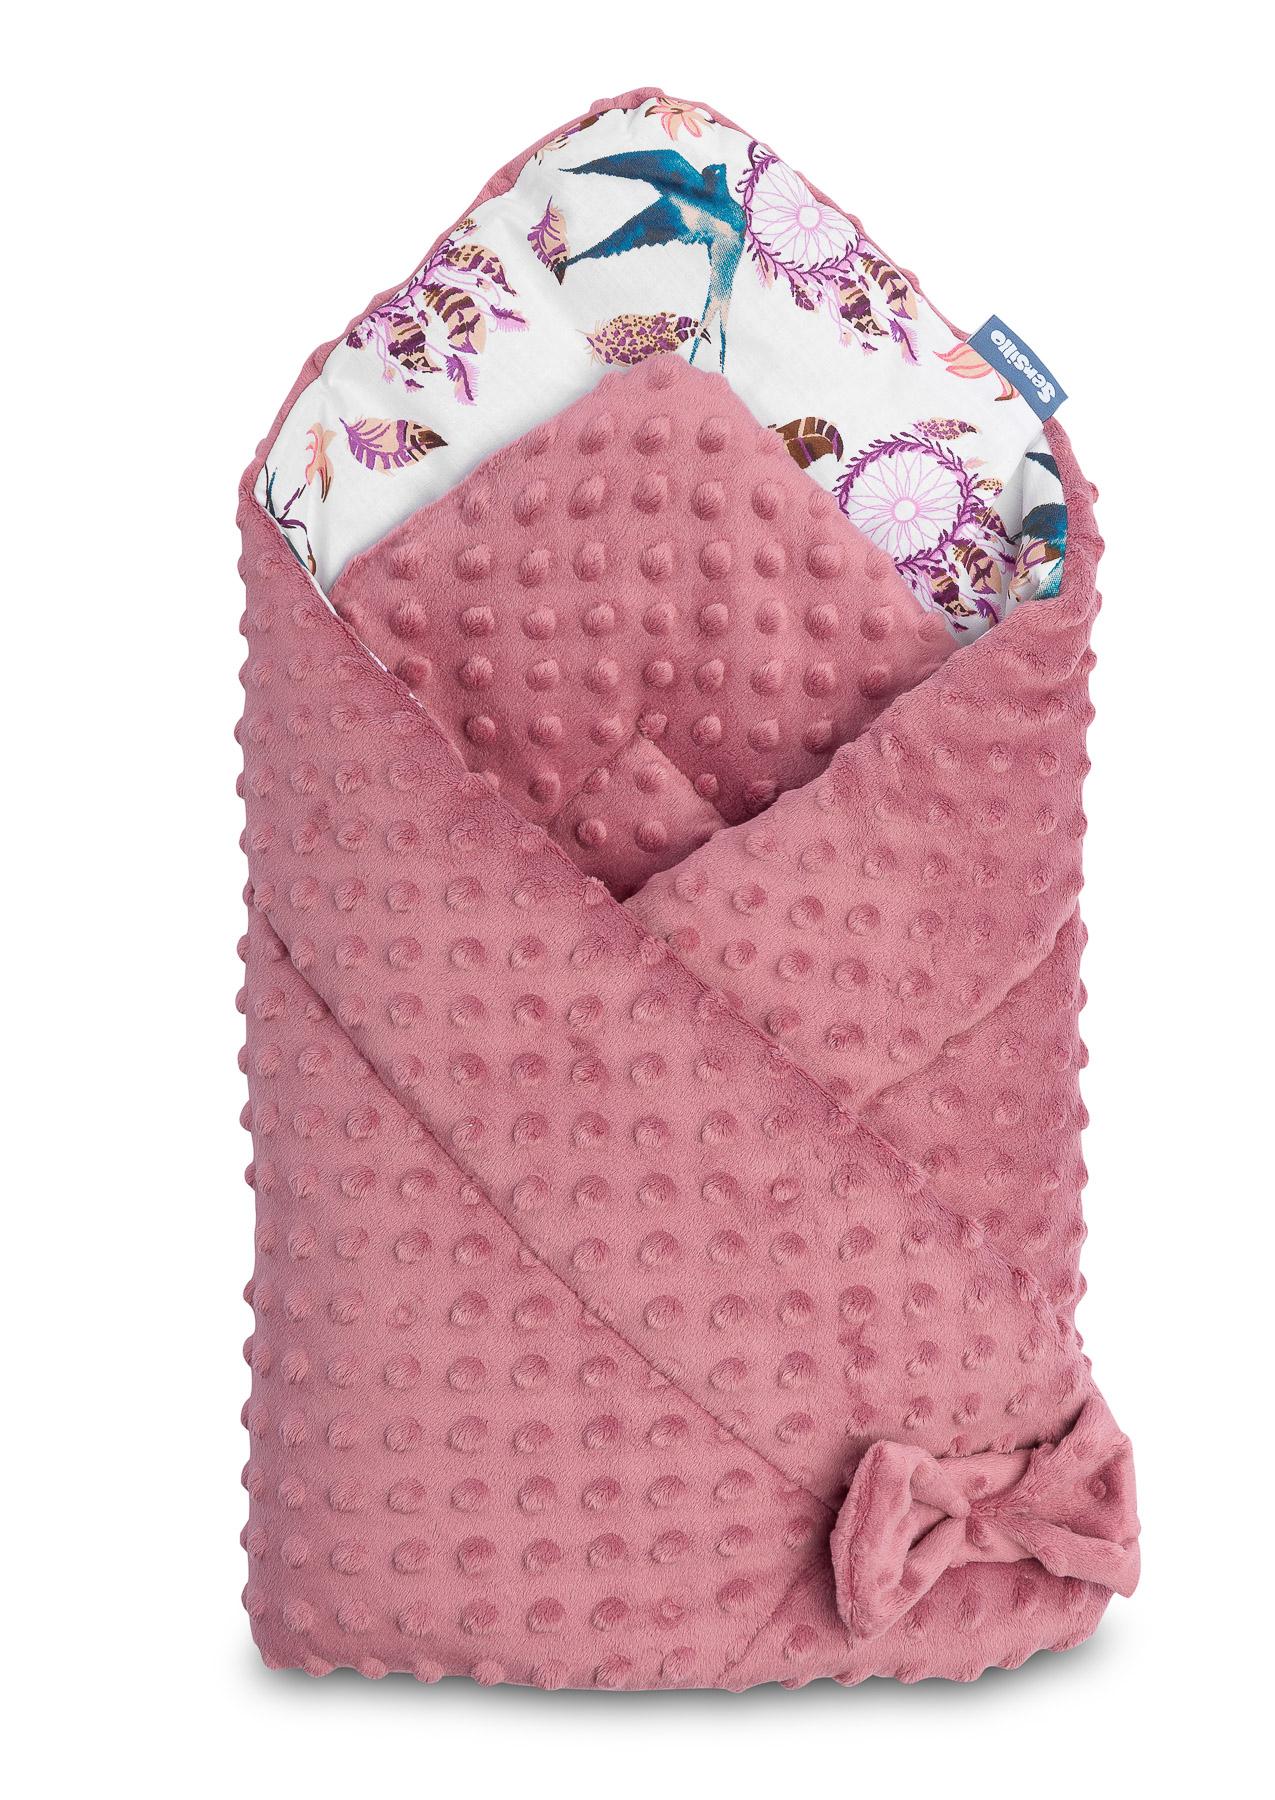 Minky Baby Nest Cone Wrap – retro pink birds